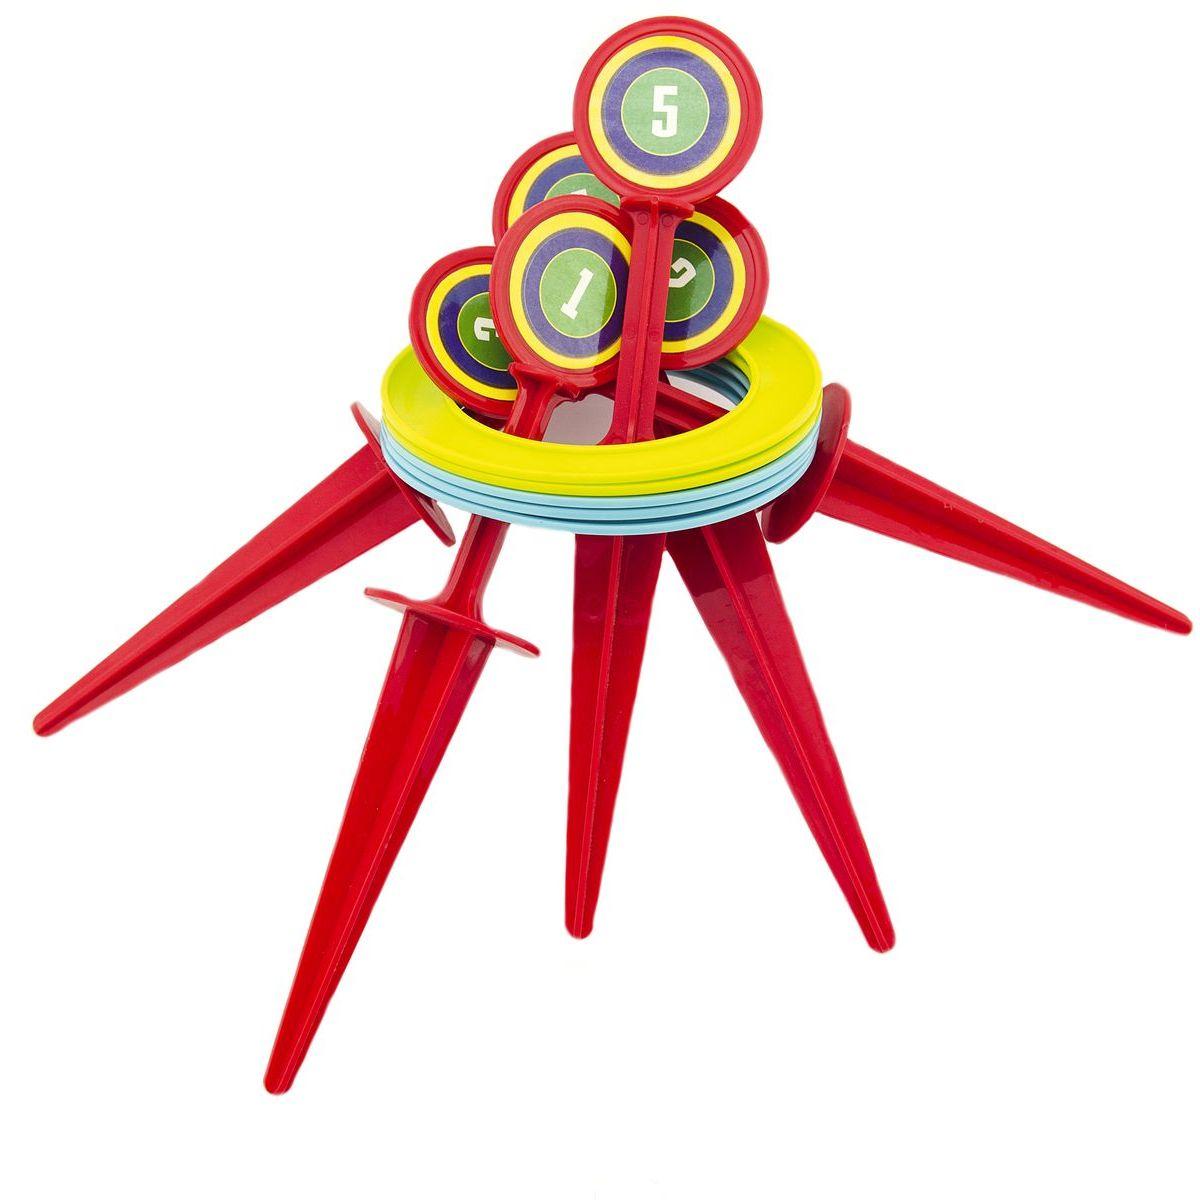 Hra hádzacie krúžky a kolíky 25 cm